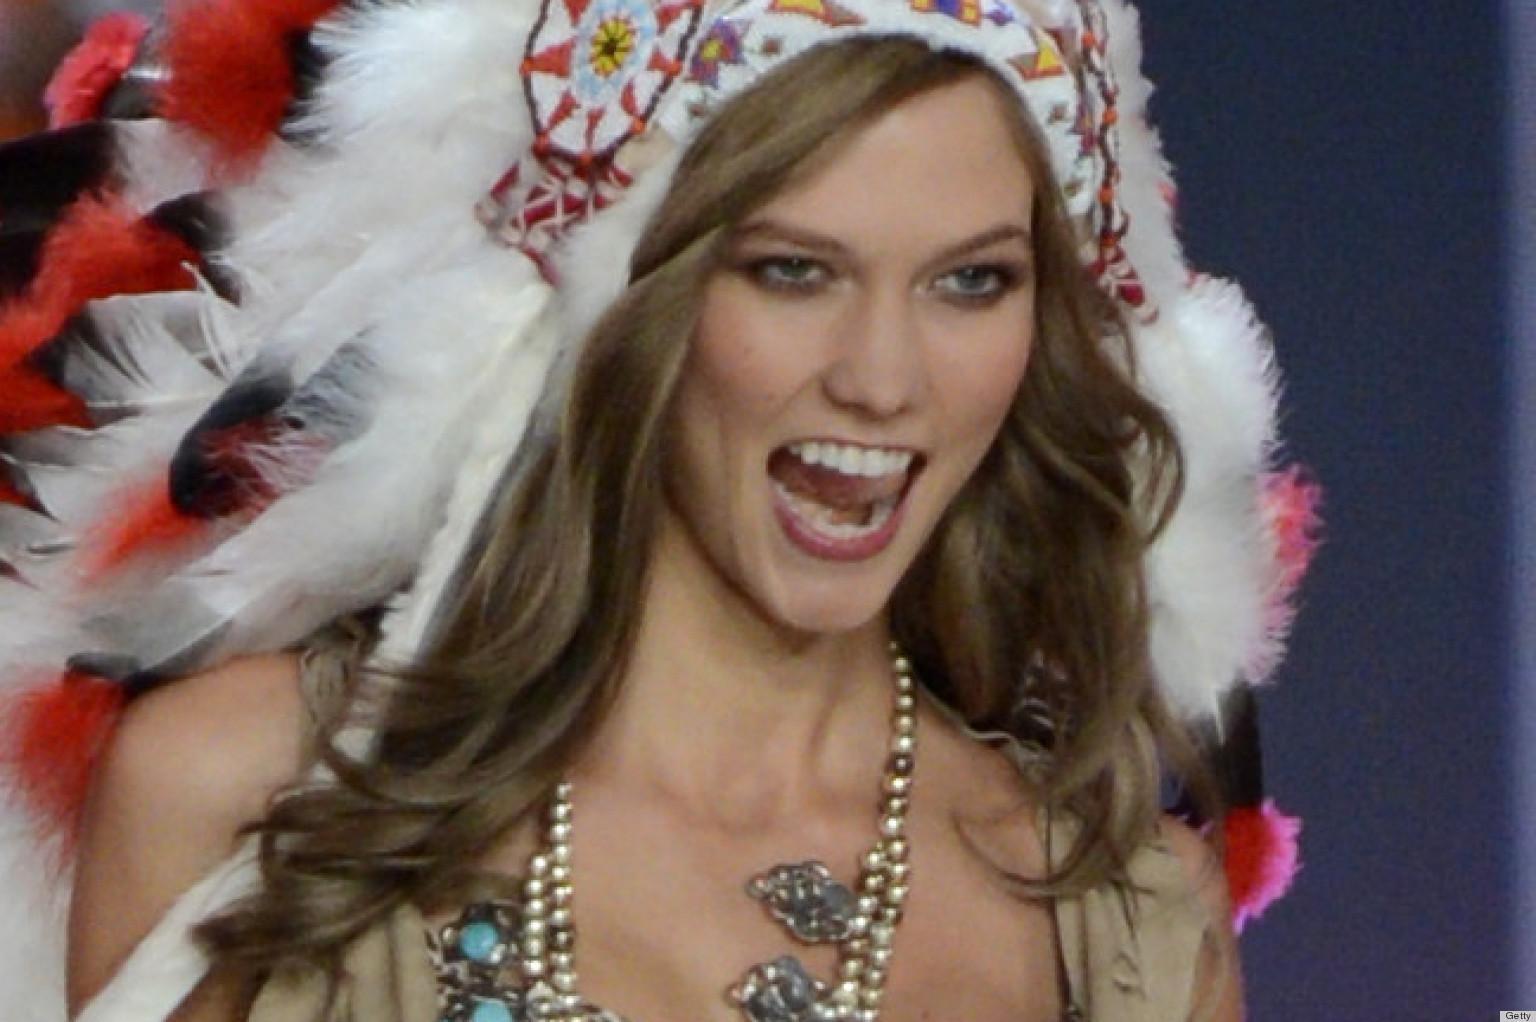 Victorias Secret Problems 3 Big Issues the Lingerie